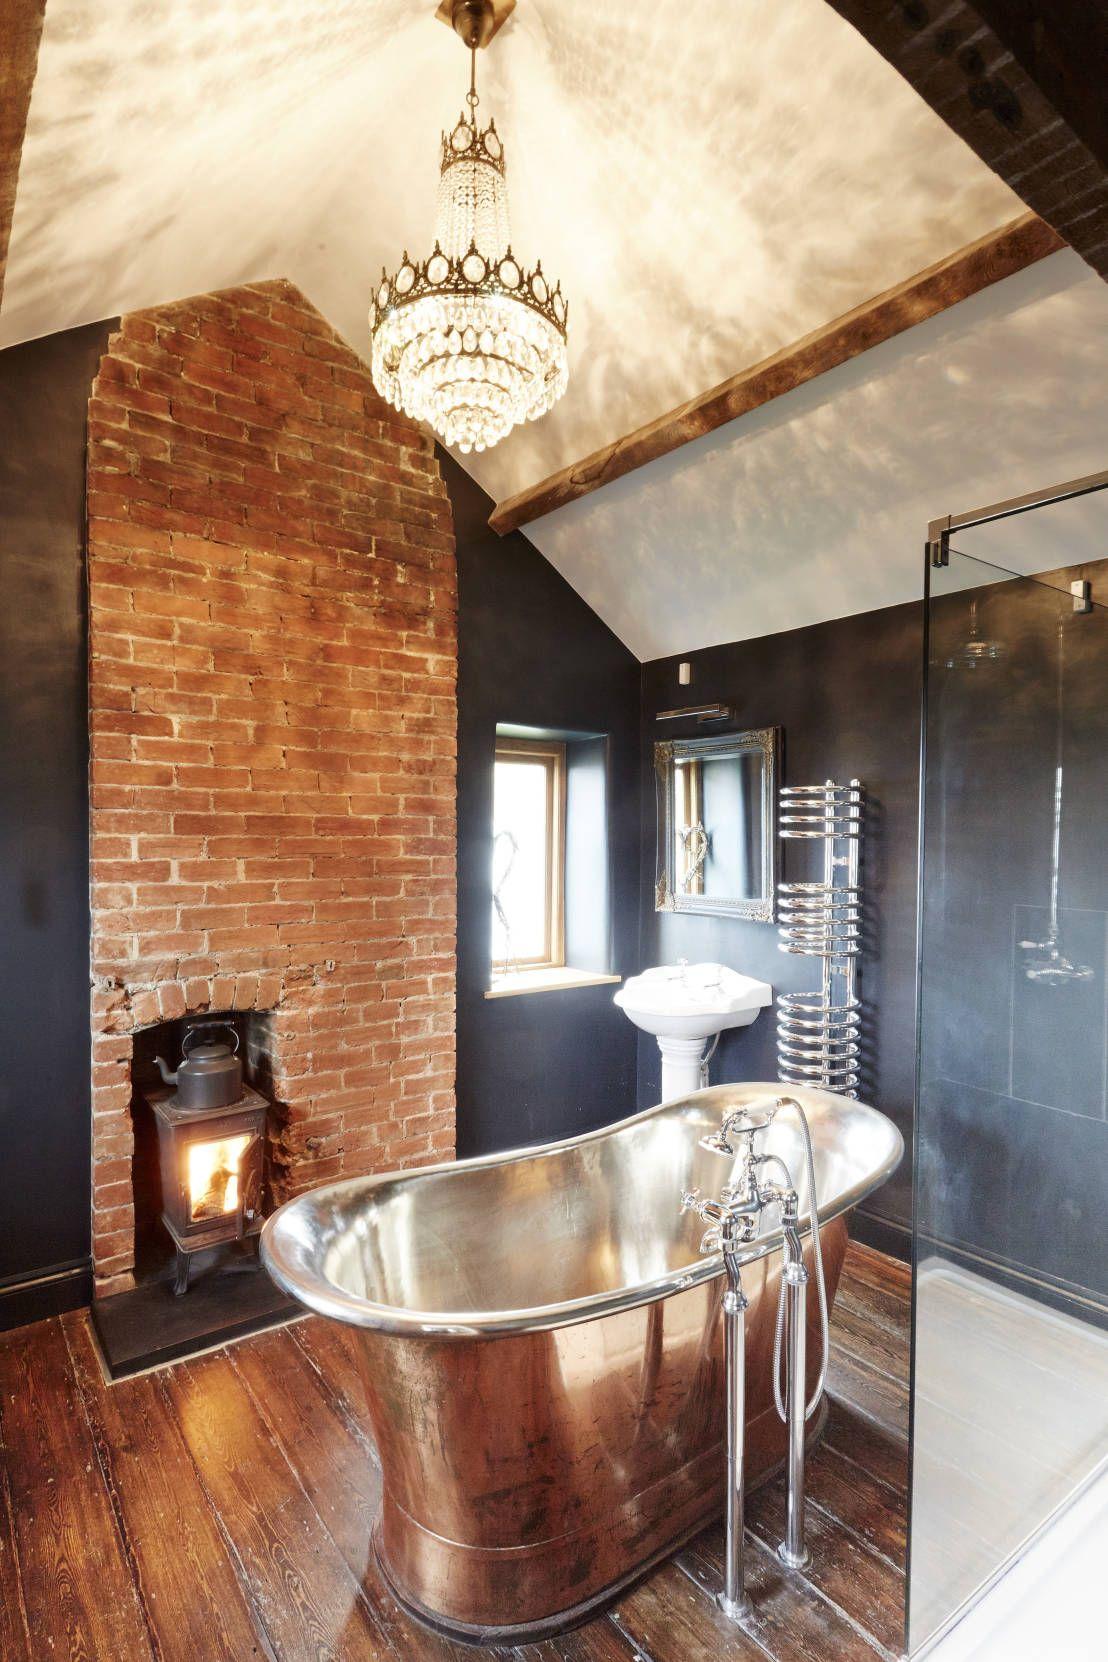 Schimmel Im Bad Vermeiden Und Entfernen Mit Bildern Ziegel Badezimmer Badezimmer Design Landliche Badezimmer